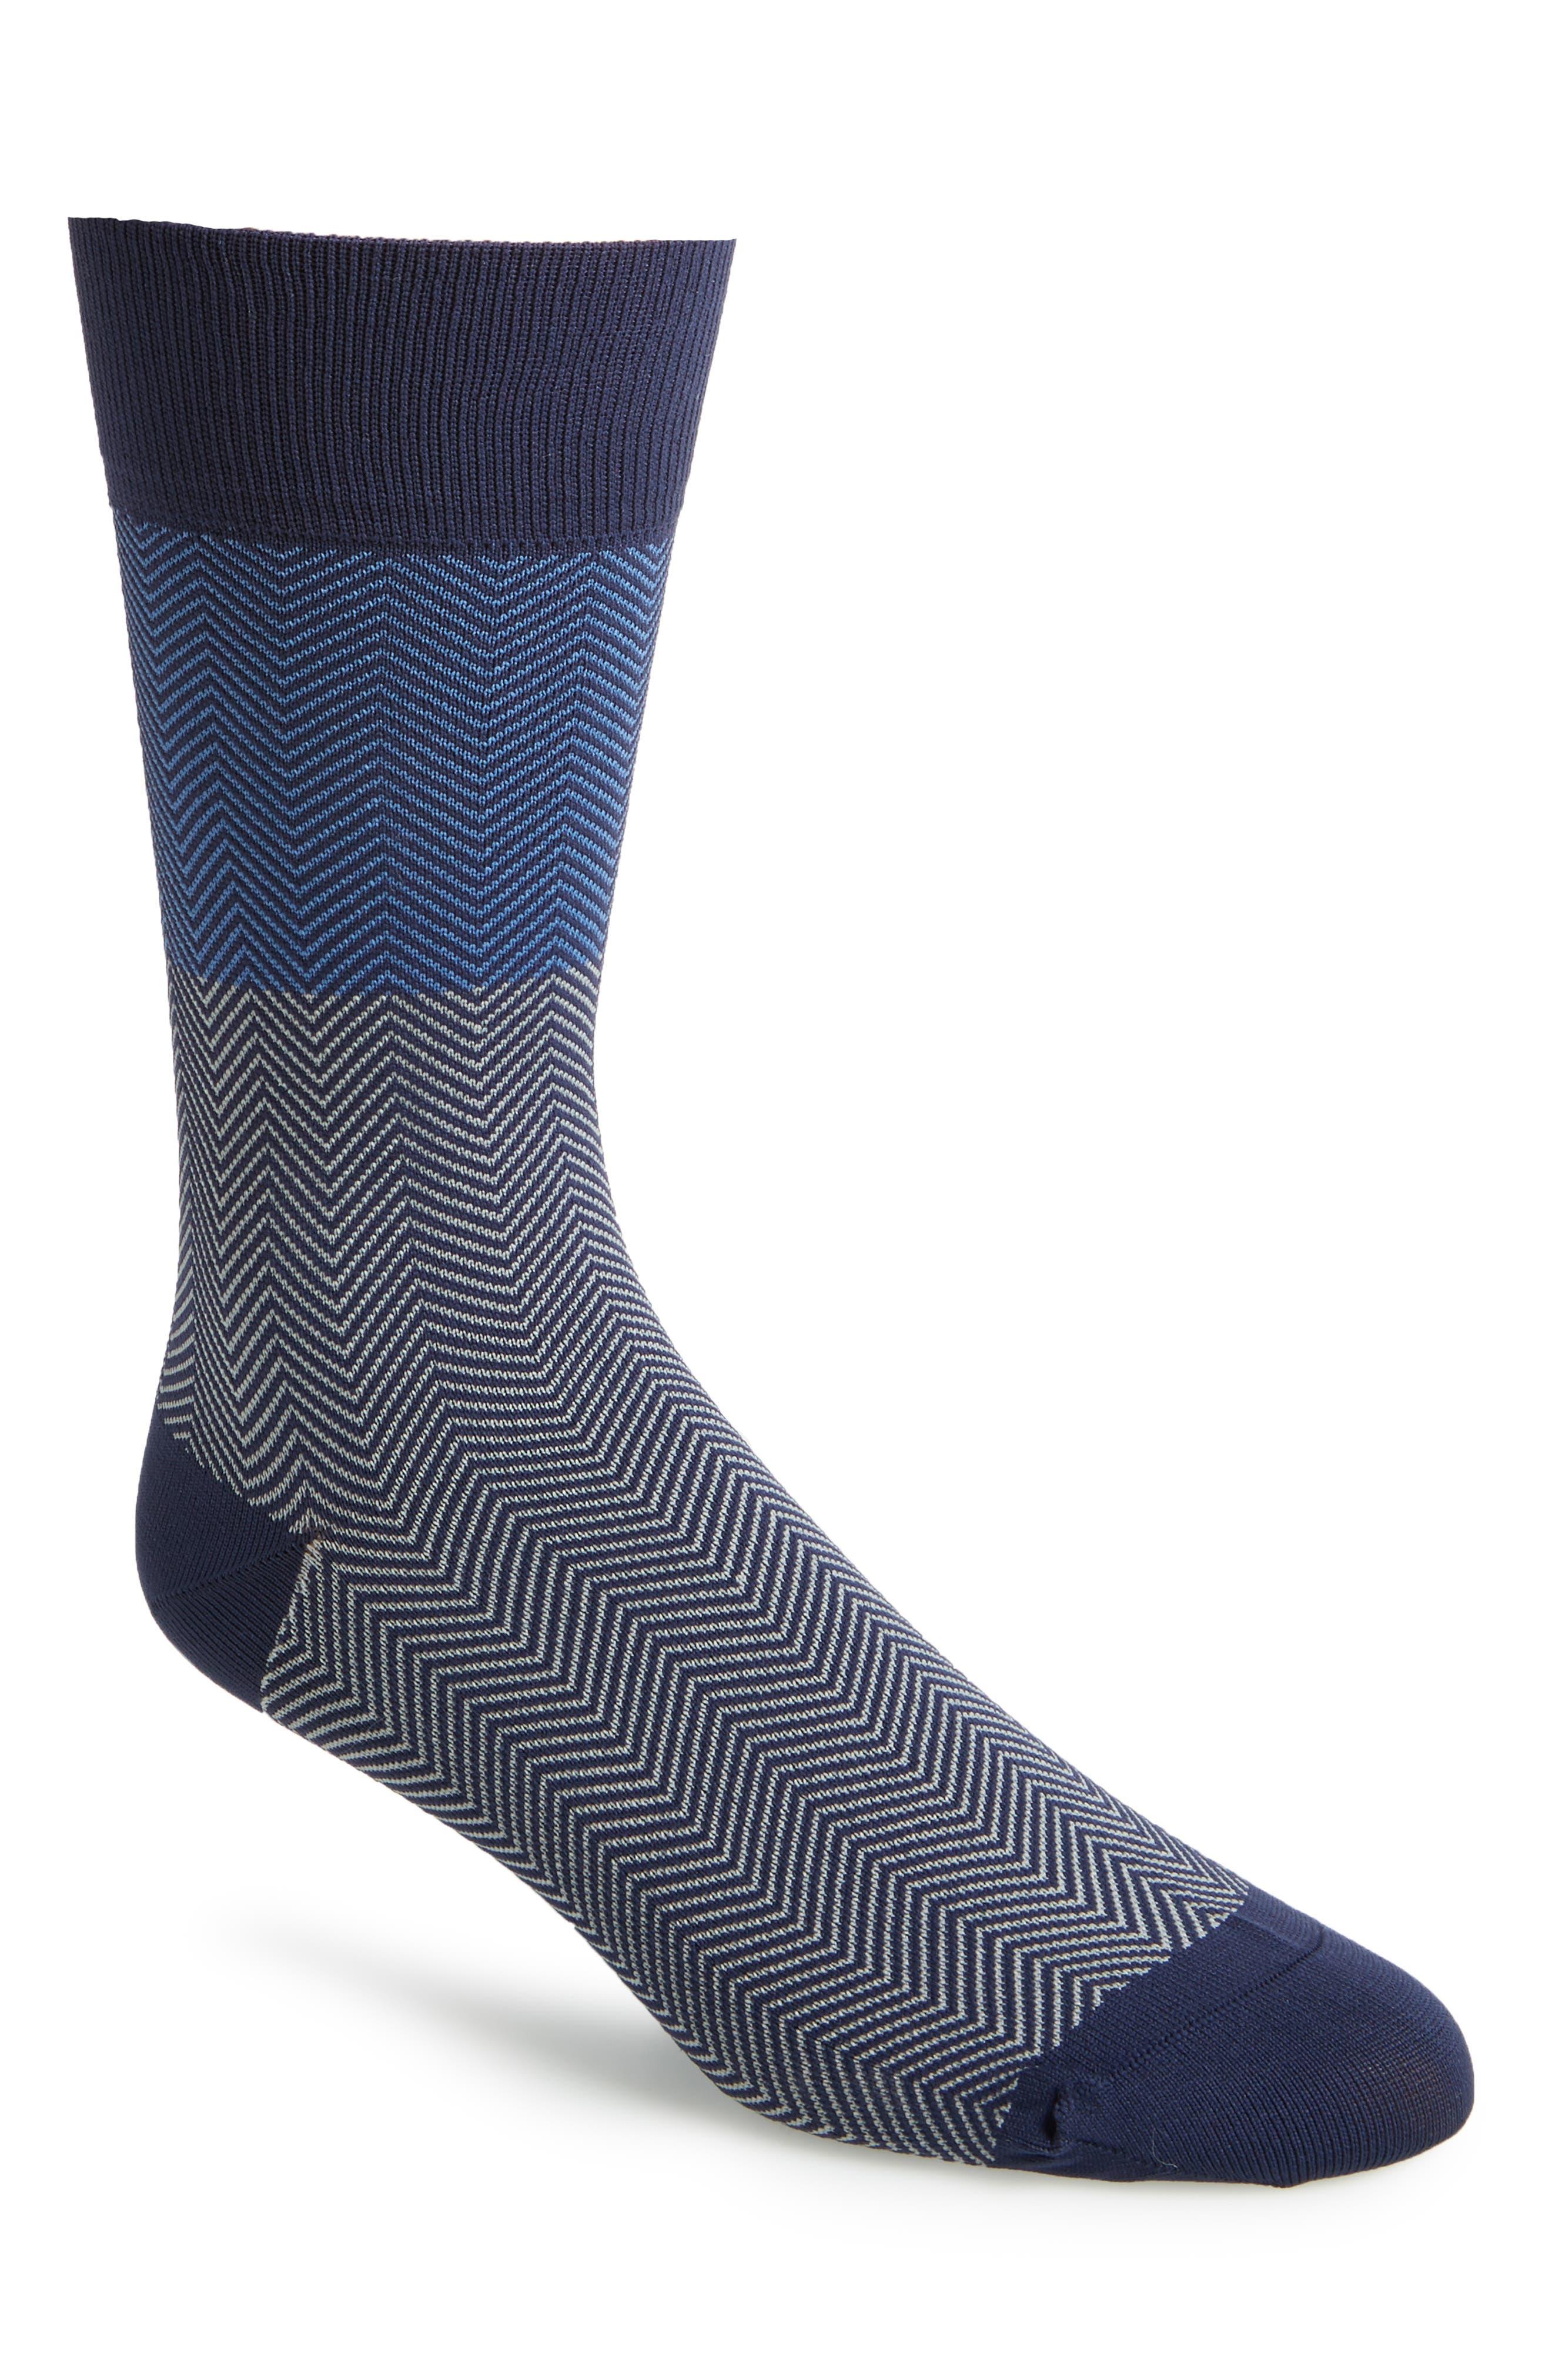 Cole Haan Herringbone Socks